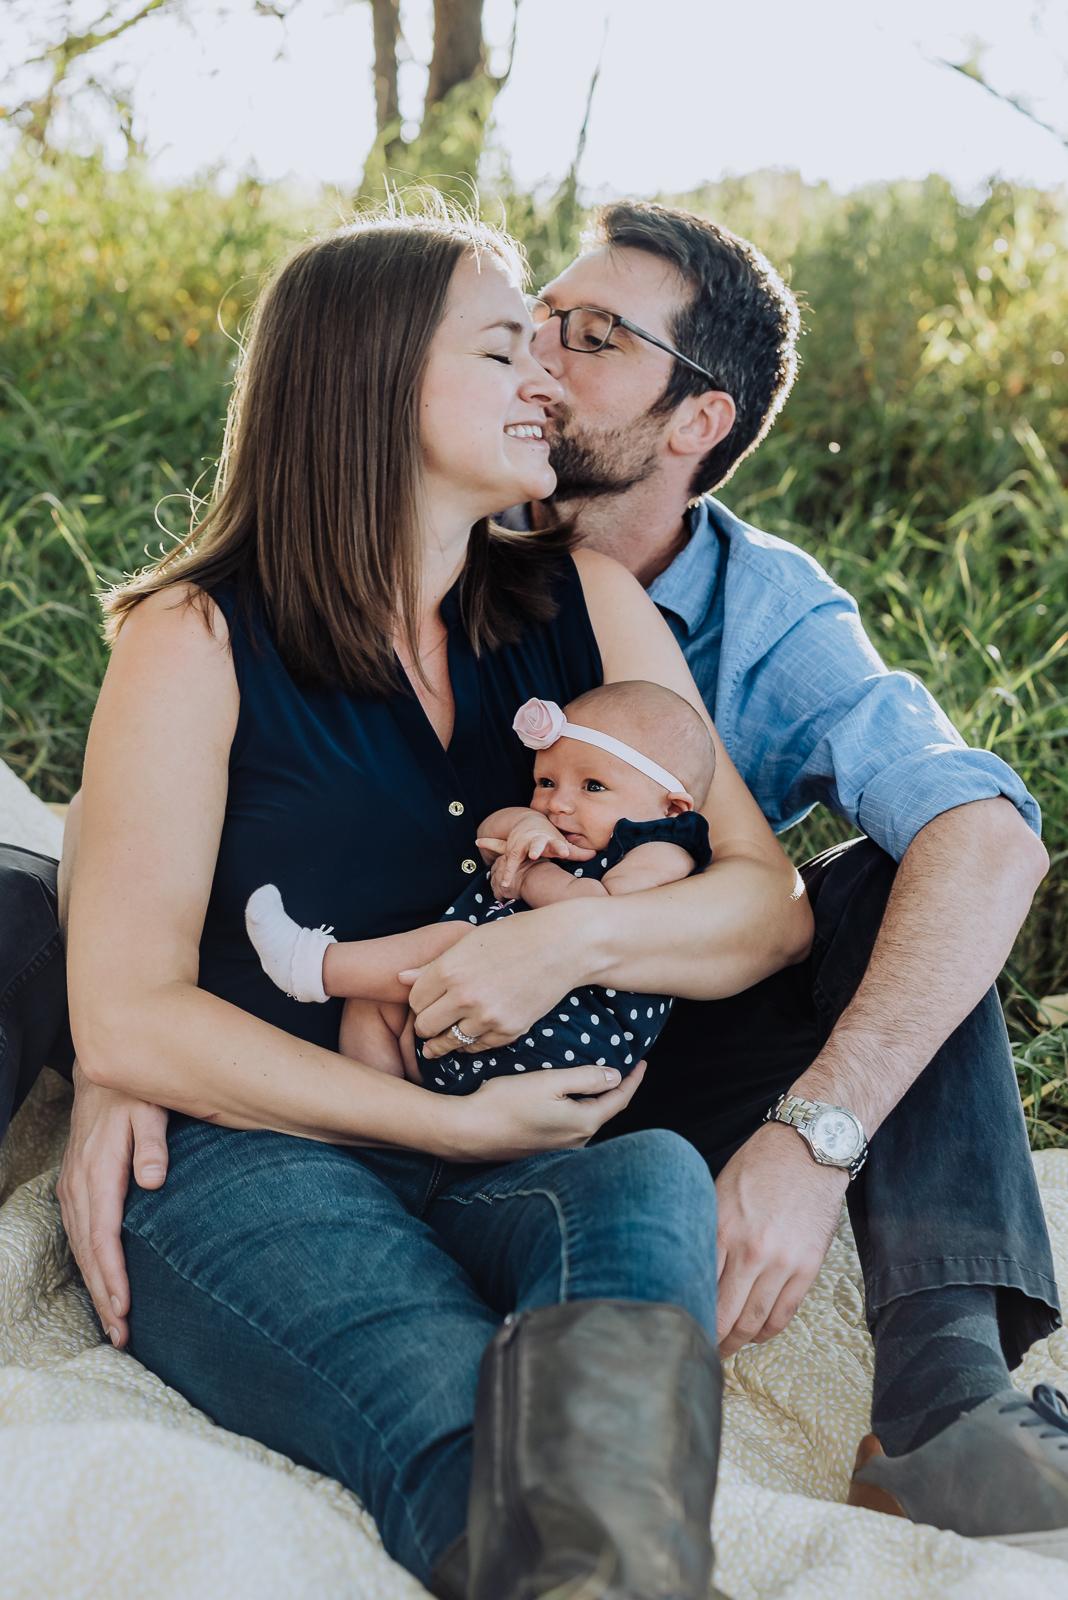 Anna & Brad's Lovely Afternoon | Bear Creek Greenbelt Newborn Photos